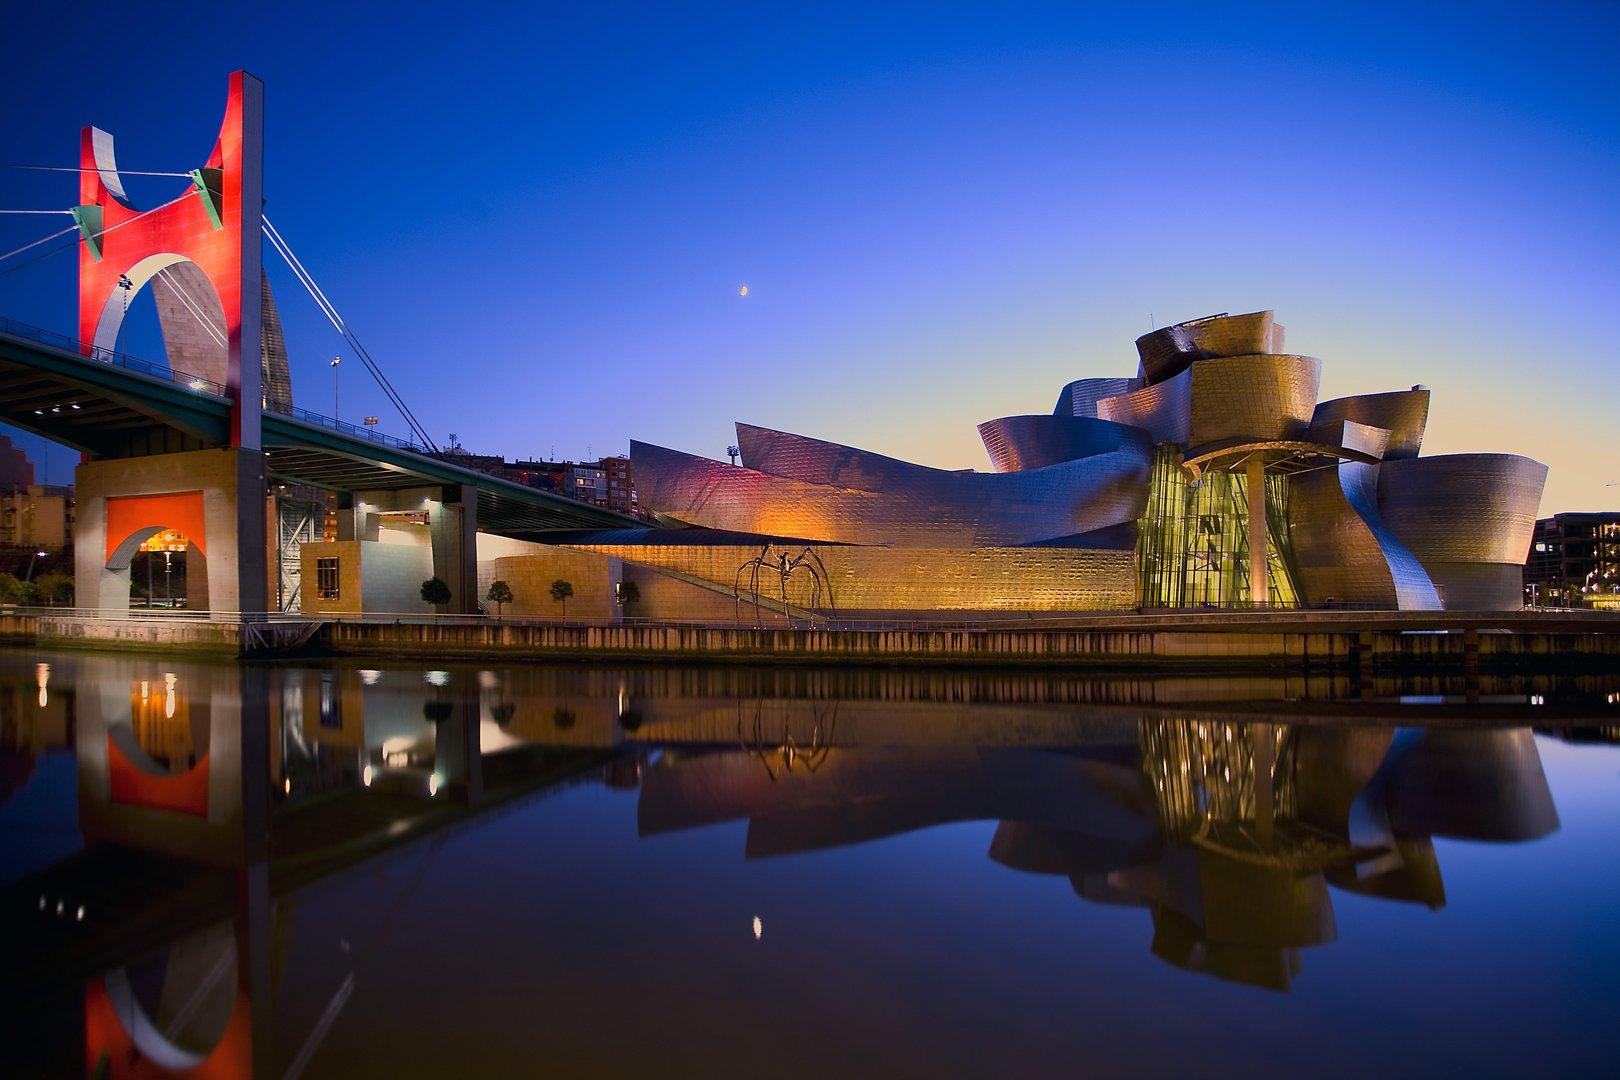 Vista del Guggenheim y la ria en Bilbao